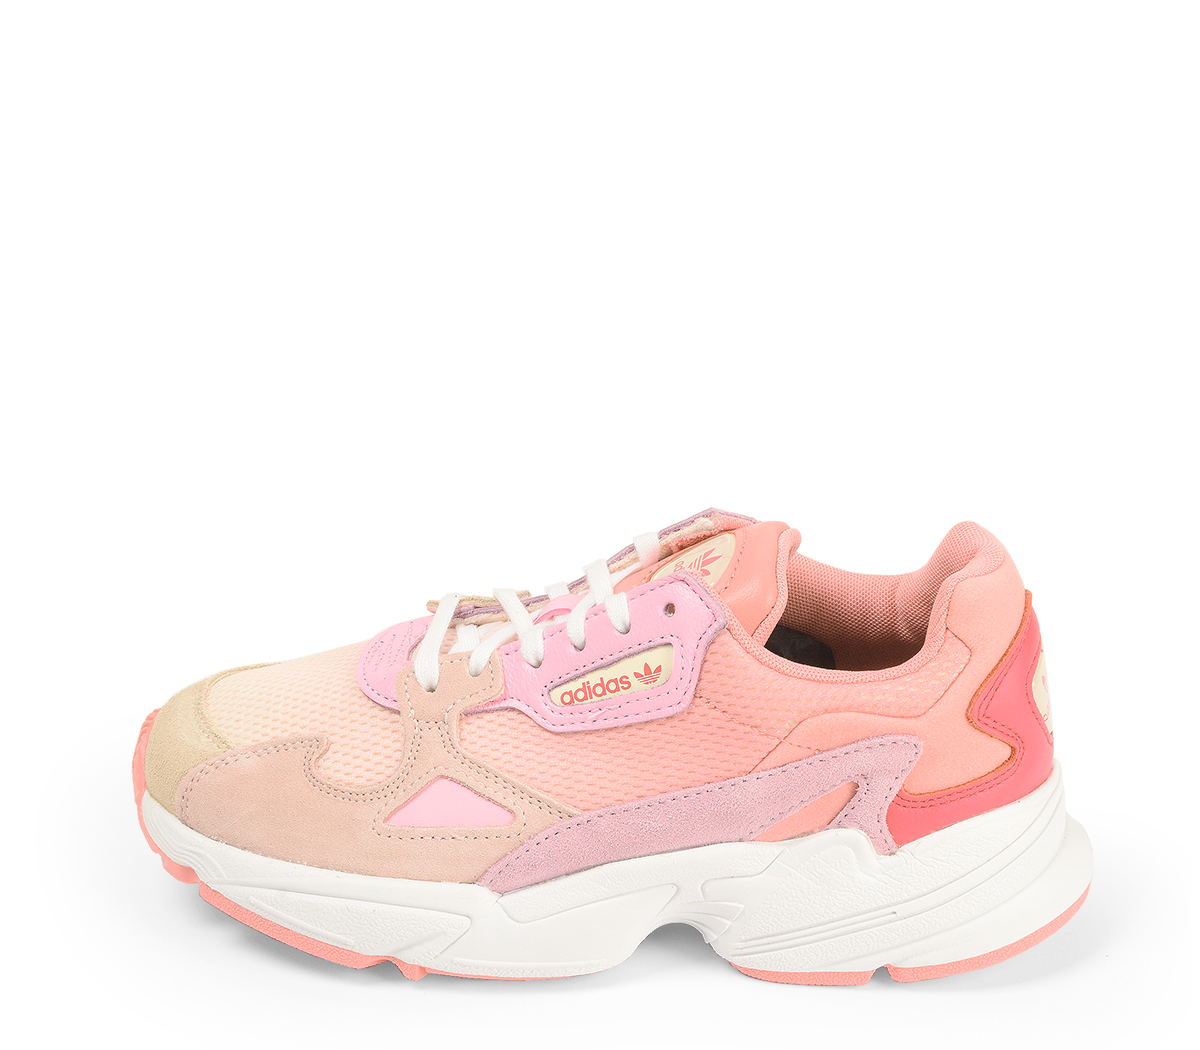 adidas rosas y blancas